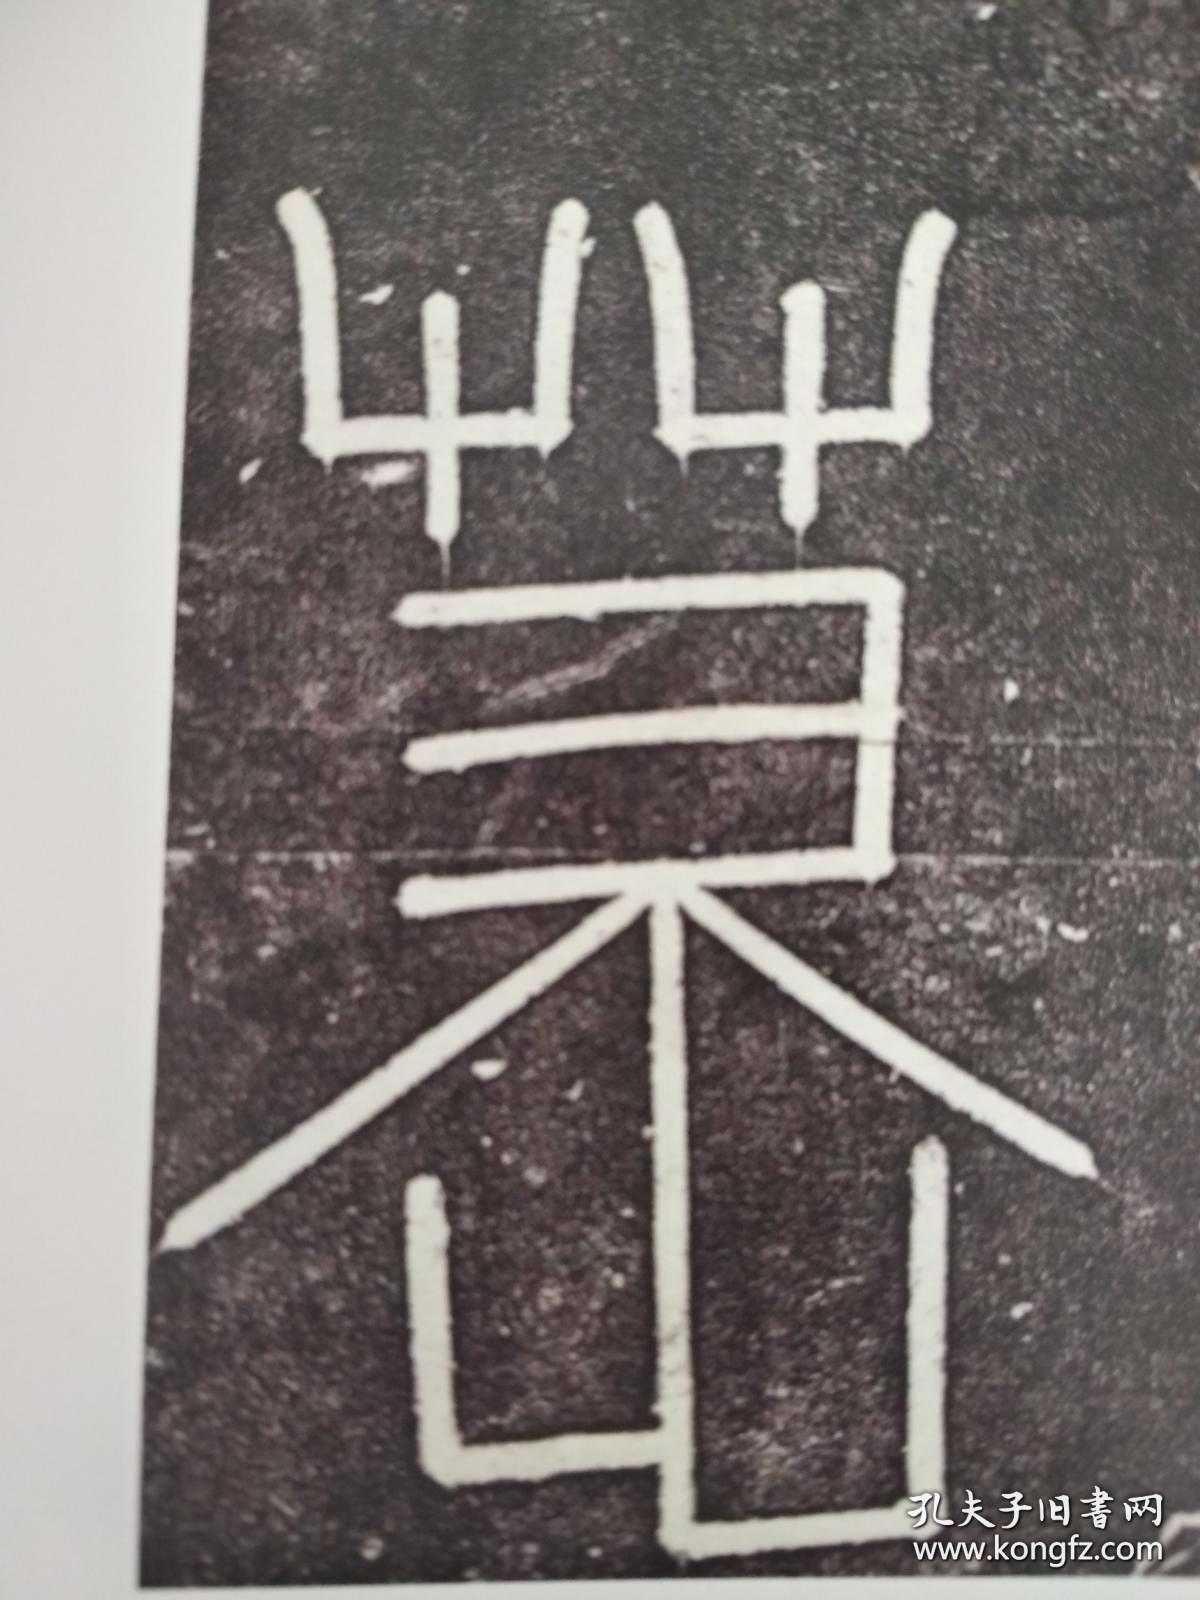 佛说雨宝陀罗尼咒】海涛法师教读诵-教育-高清完整正版... -优酷